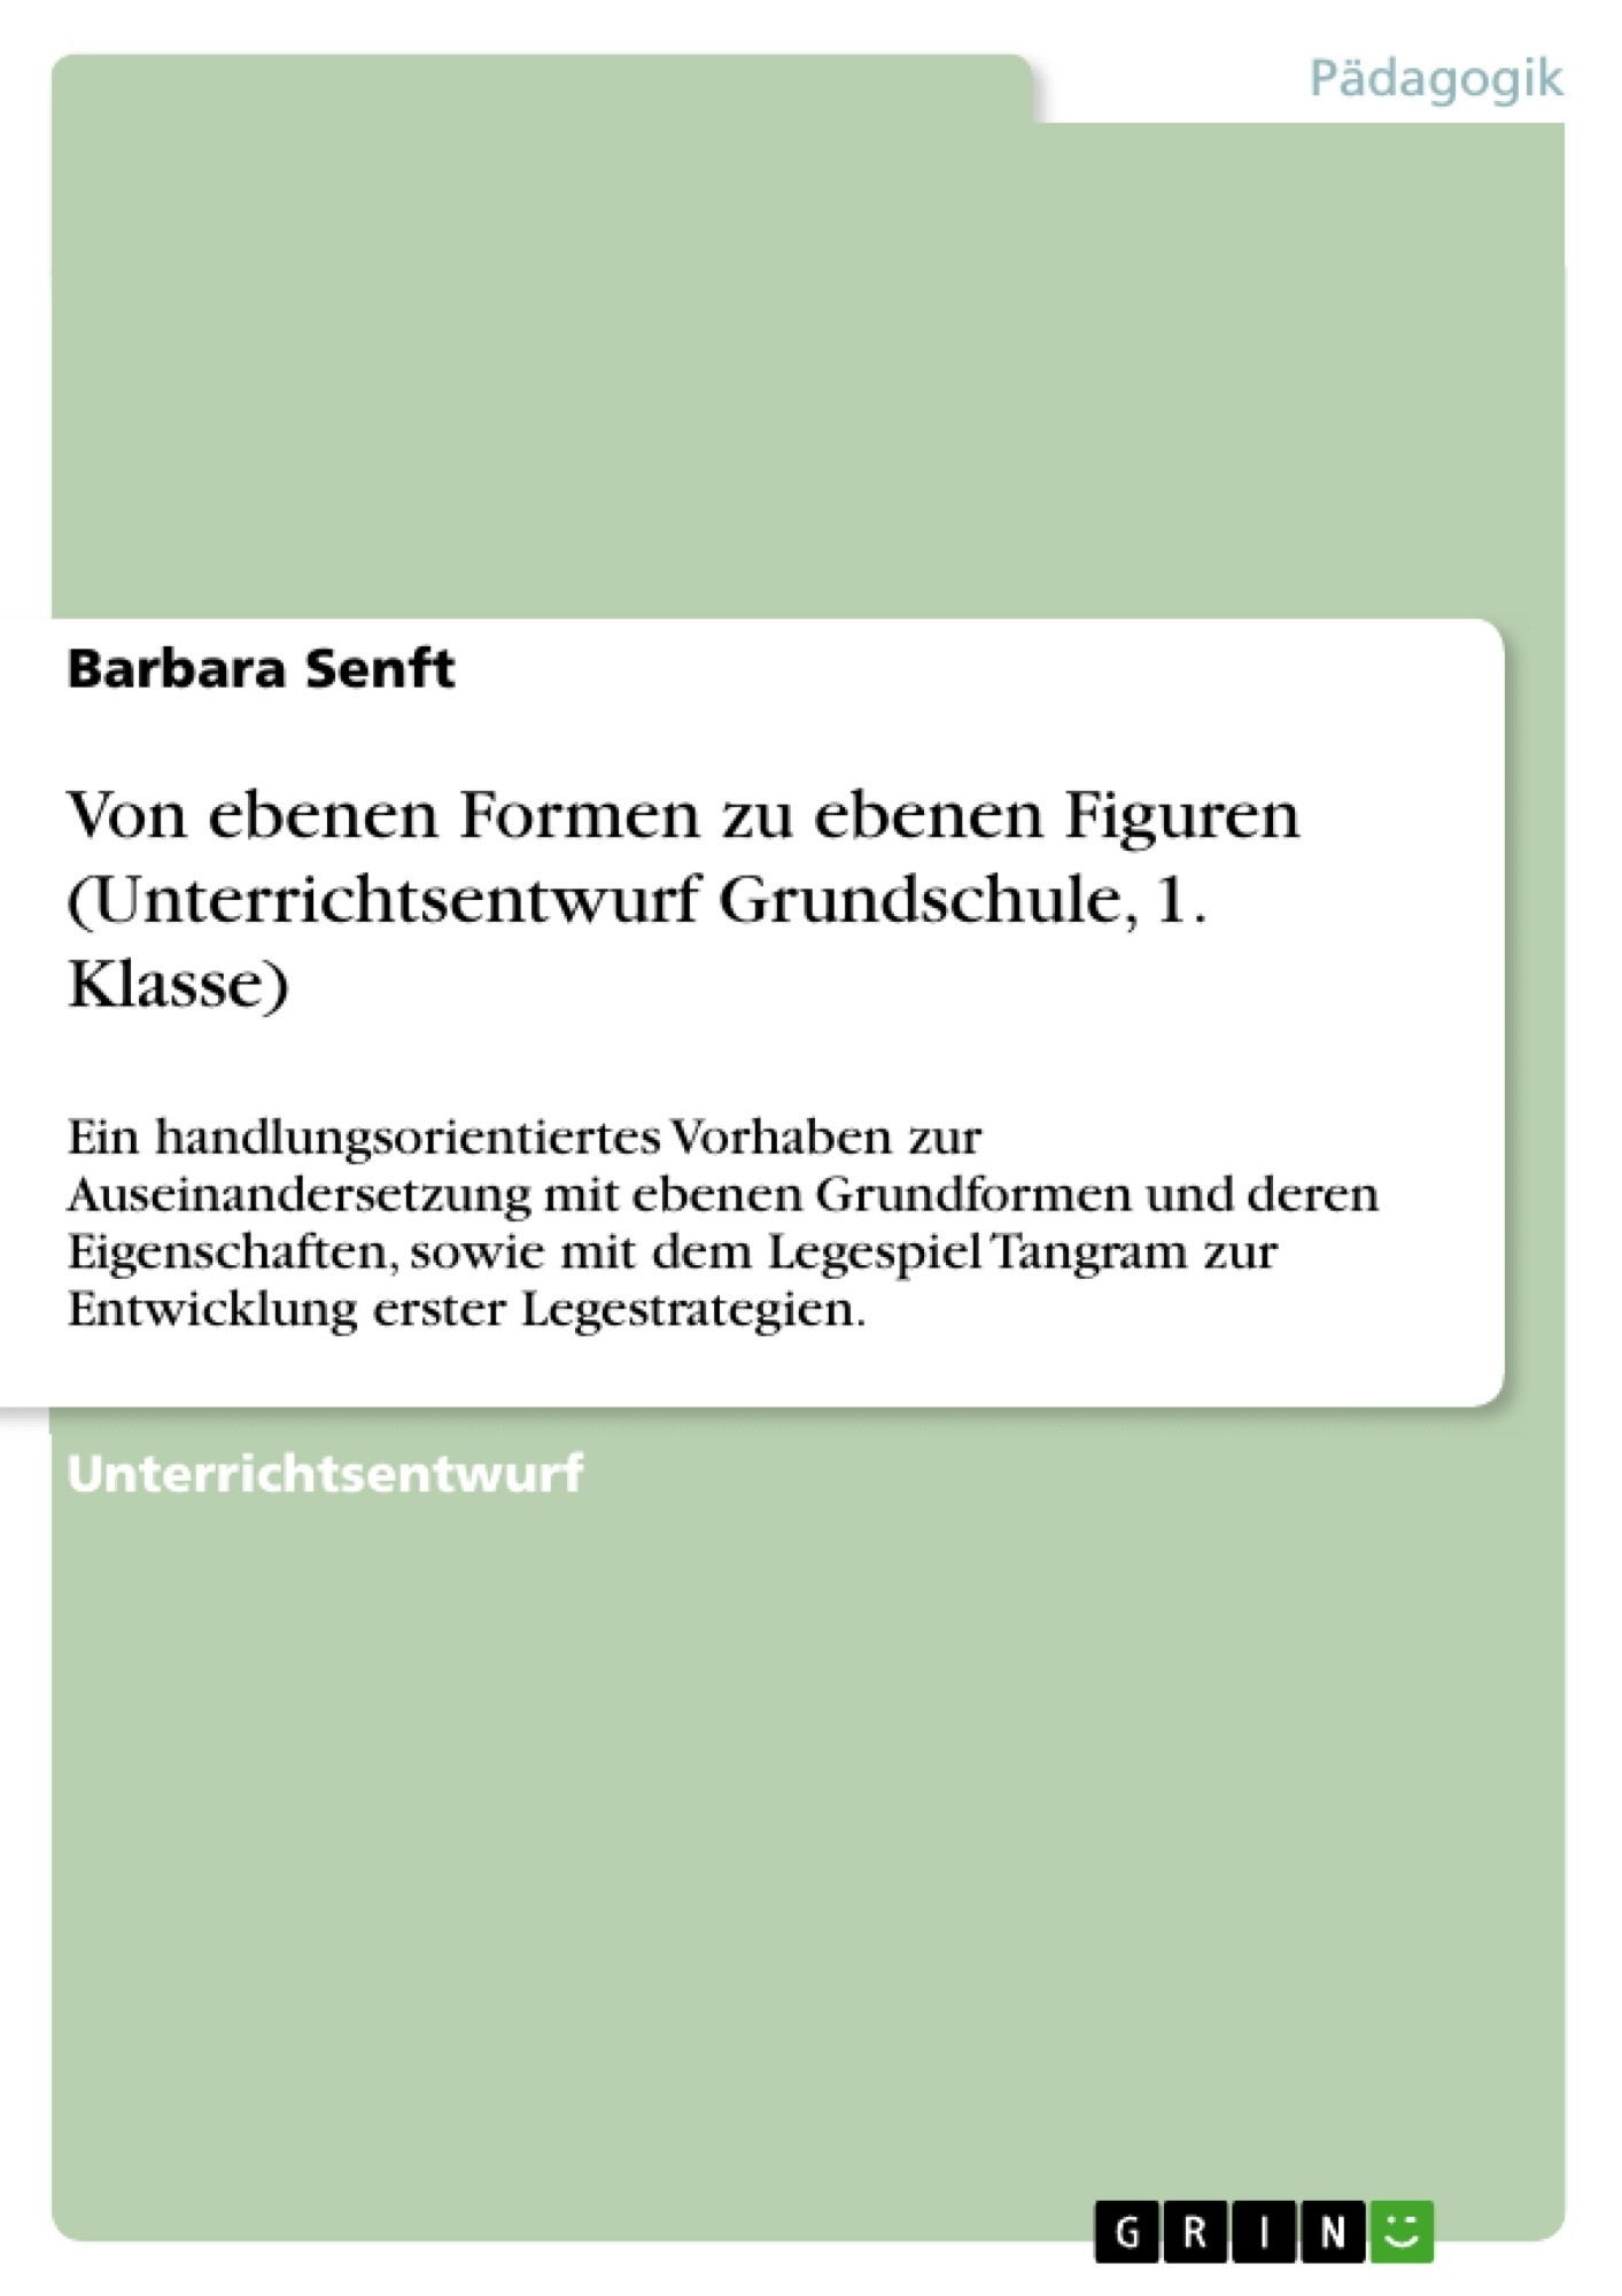 Titel: Von ebenen Formen zu ebenen Figuren (Unterrichtsentwurf Grundschule, 1. Klasse)